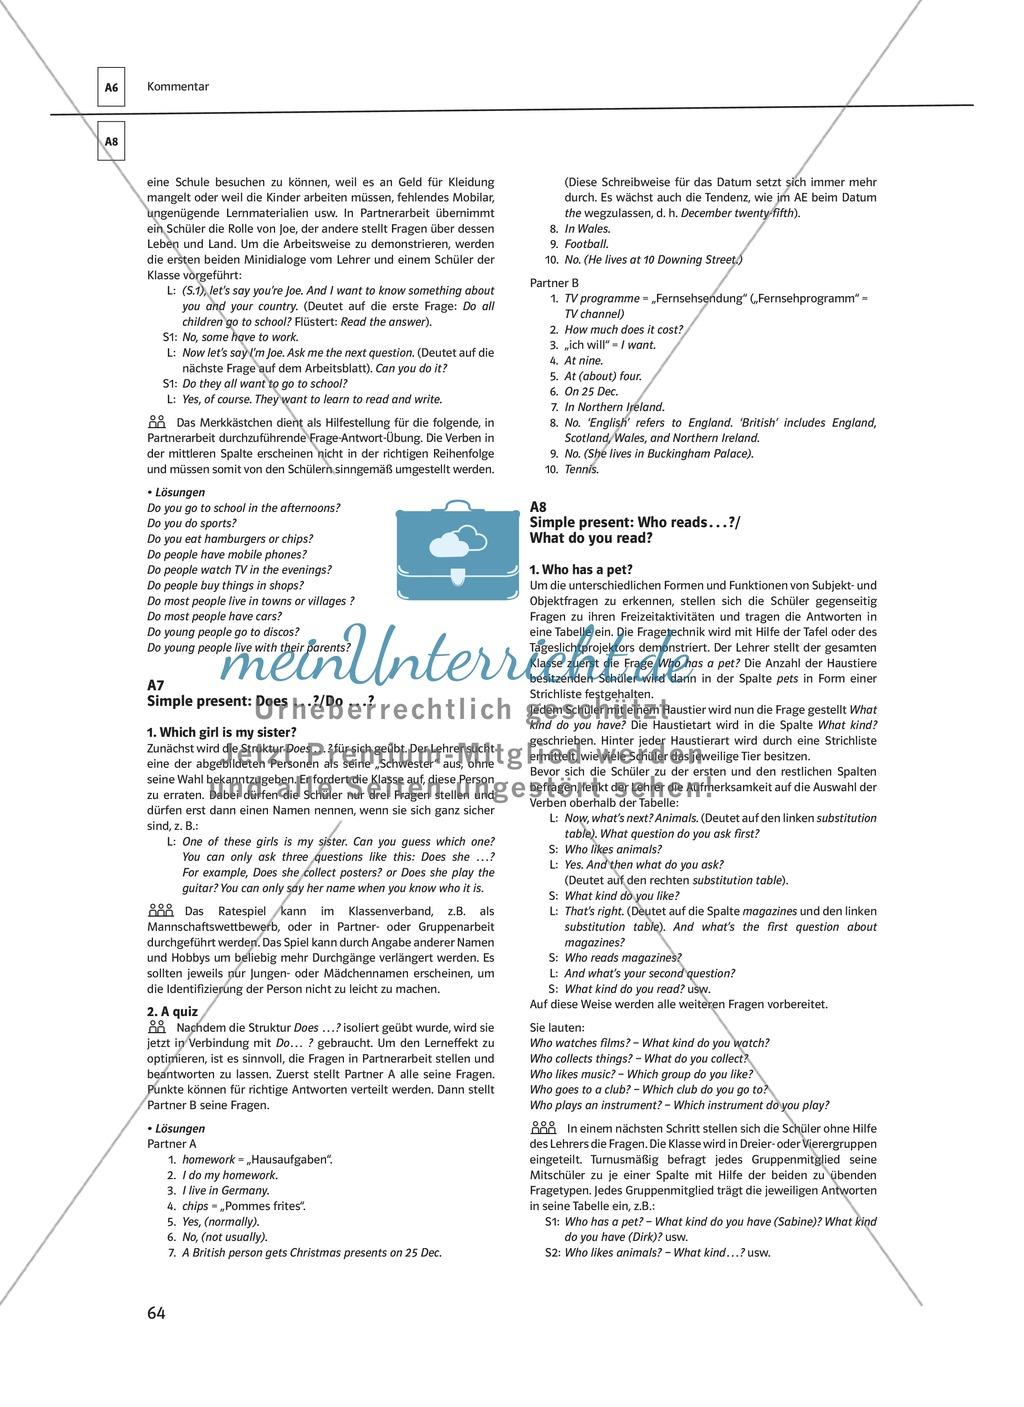 Exelent Wh Fragen Vorhanden Einfache Arbeitsblatt Elaboration ...